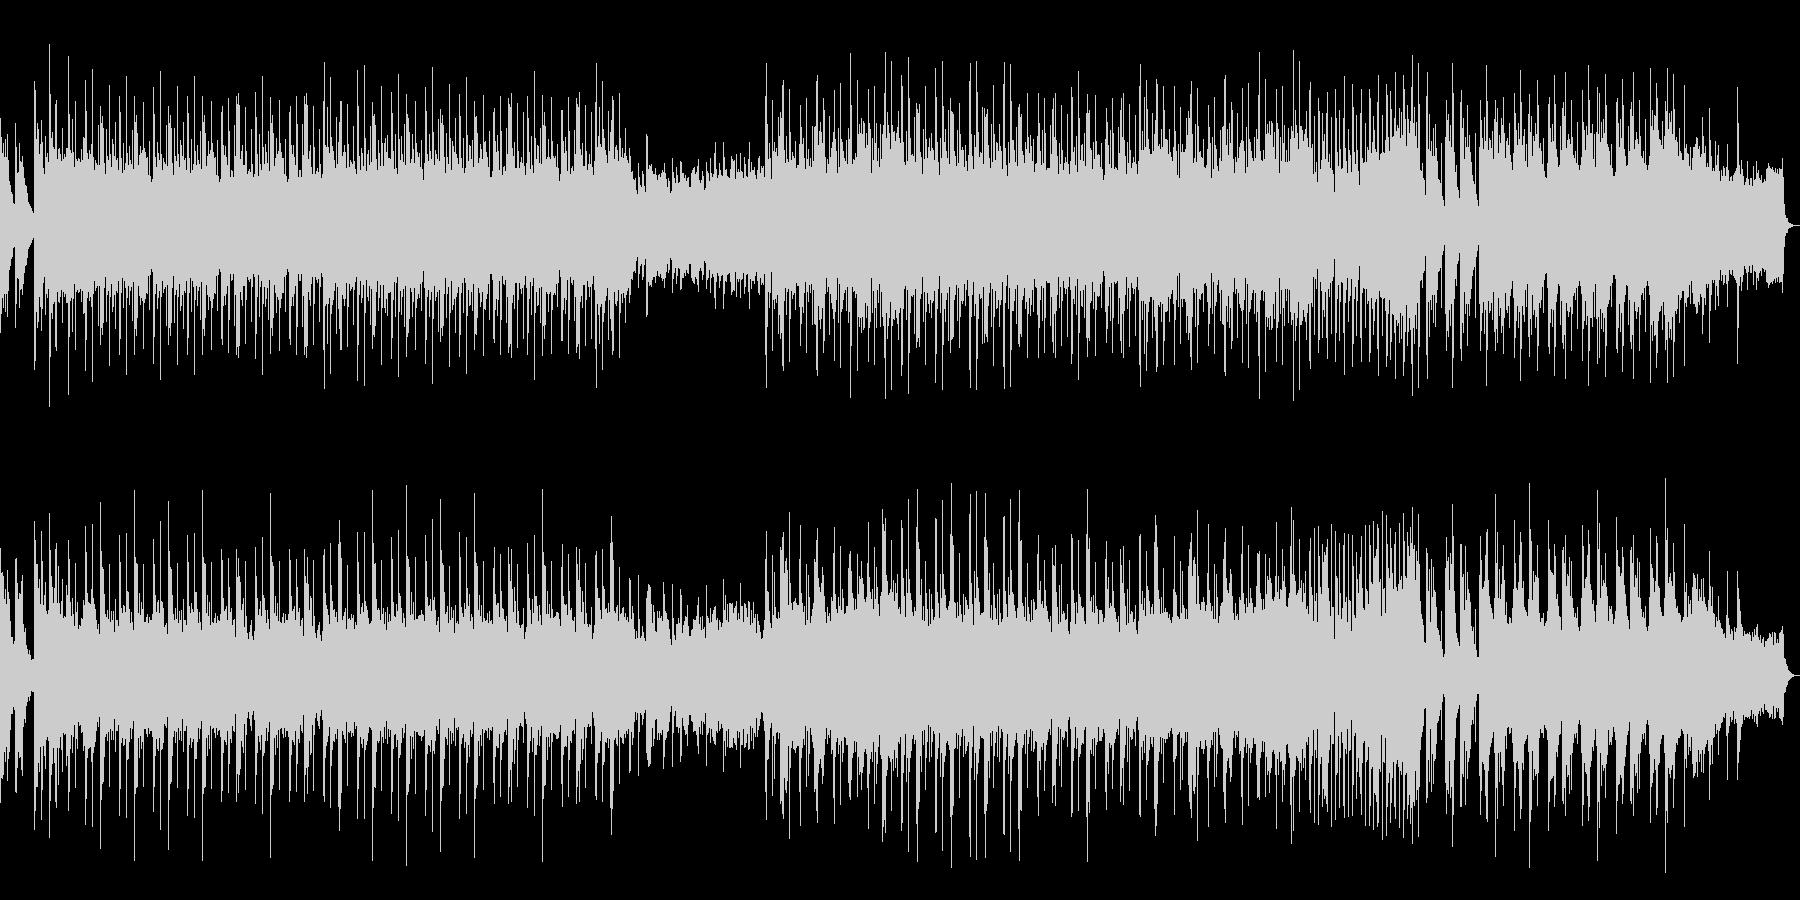 高音質♪琴和風ポップの未再生の波形